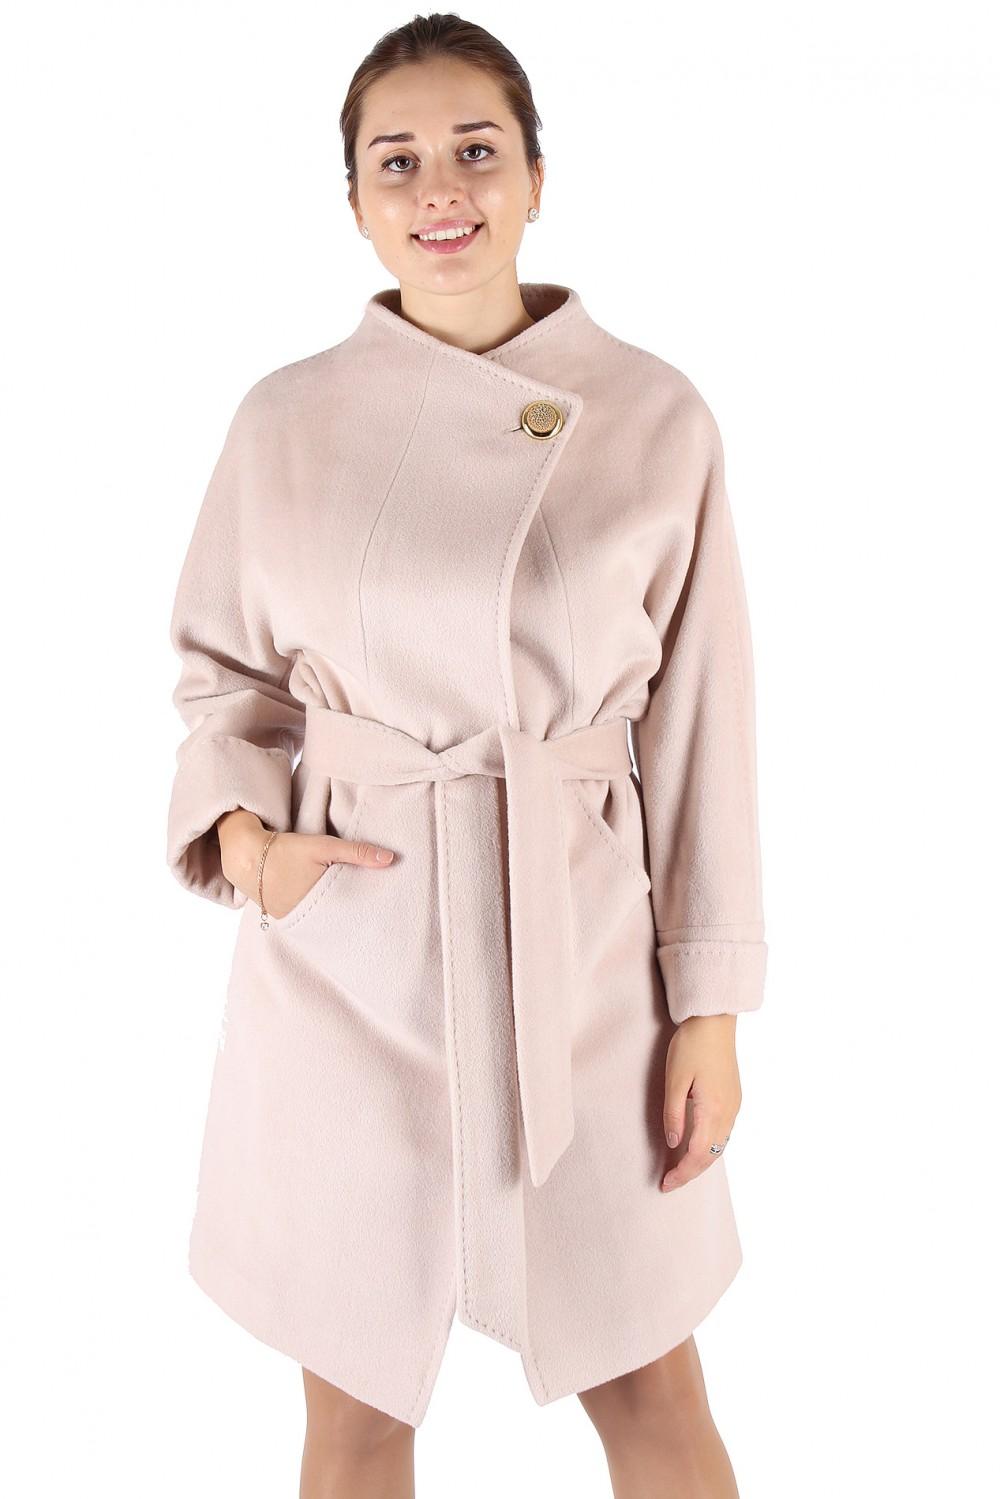 Купить оптом Пальто женское бежевого цвета 380B в Воронеже